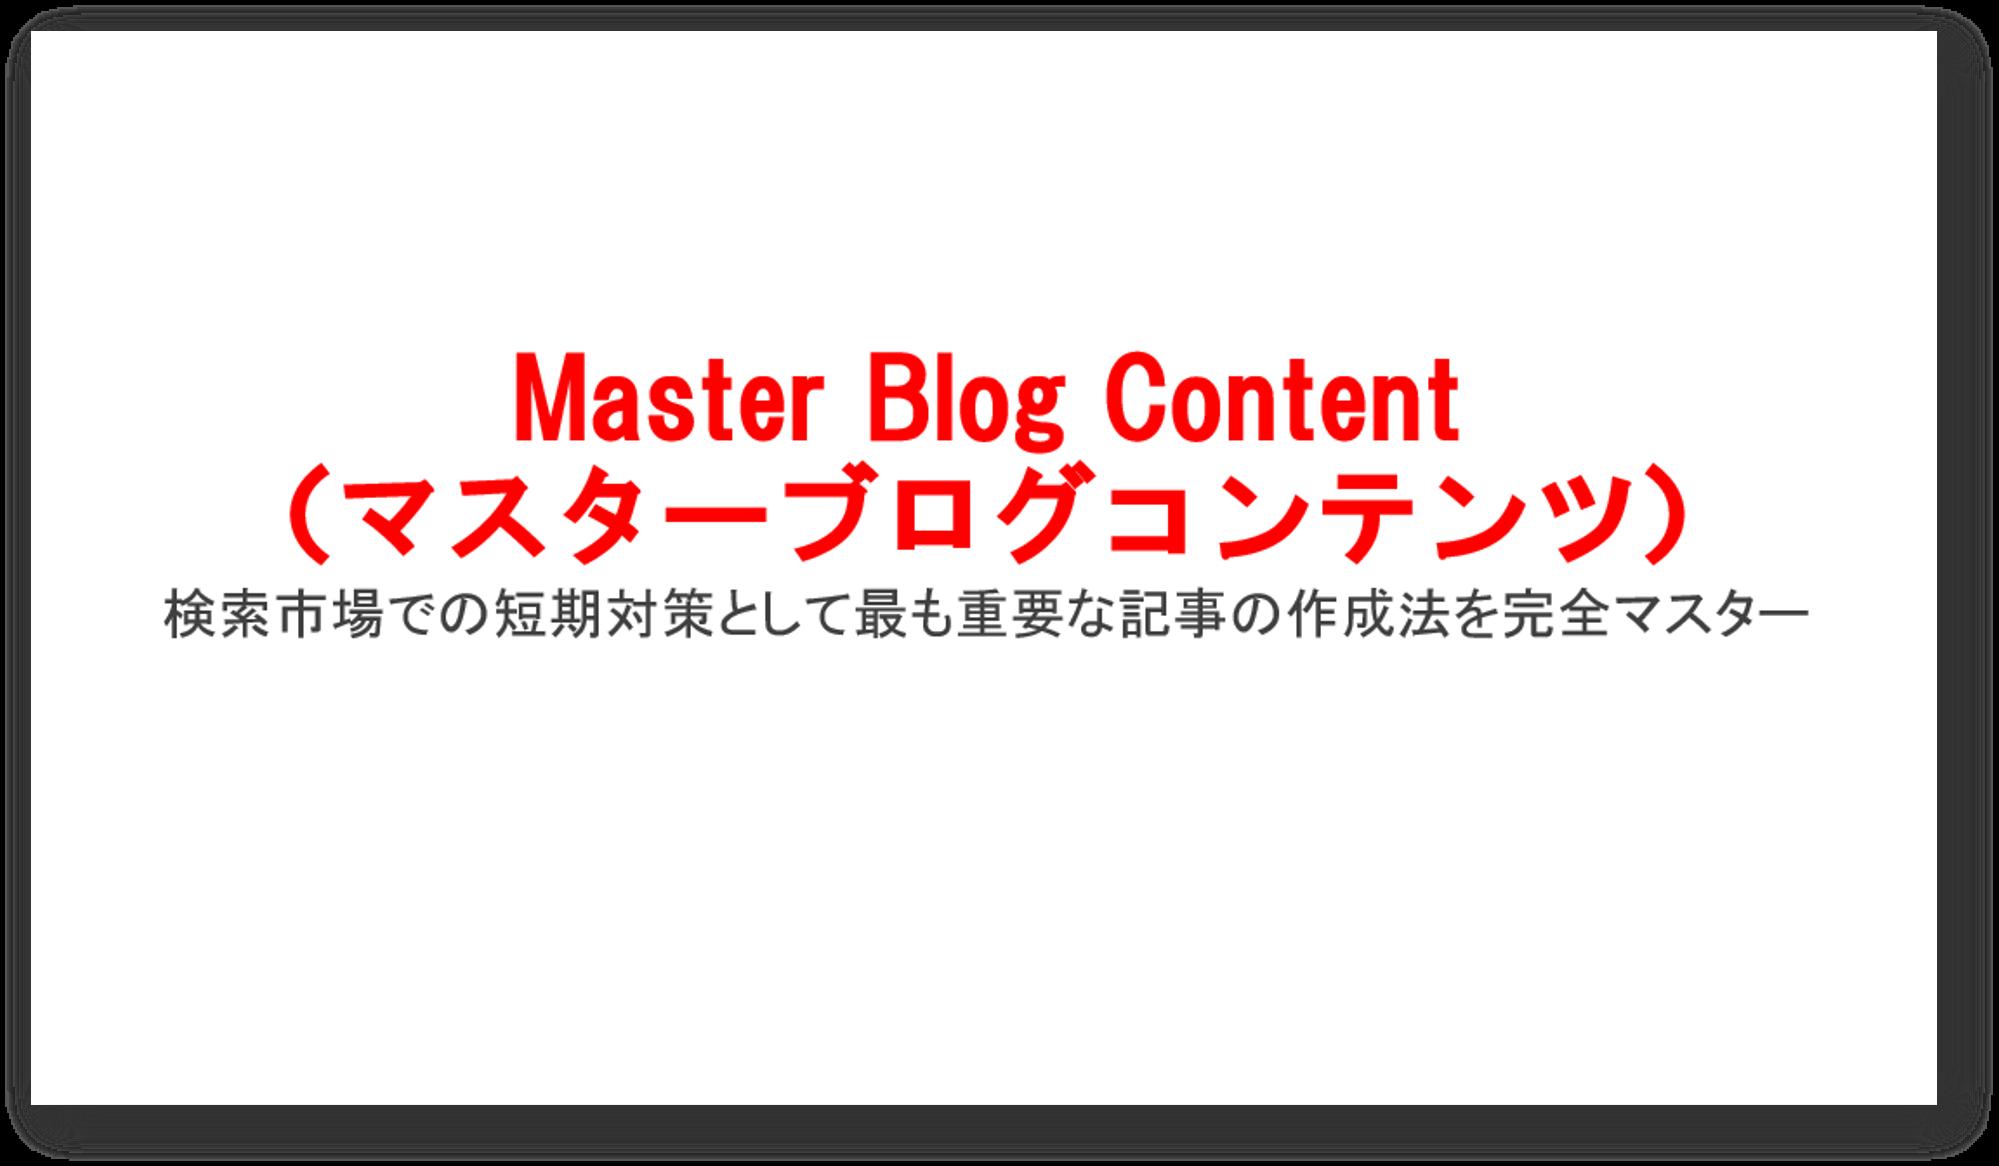 マスターブログコンテンツ